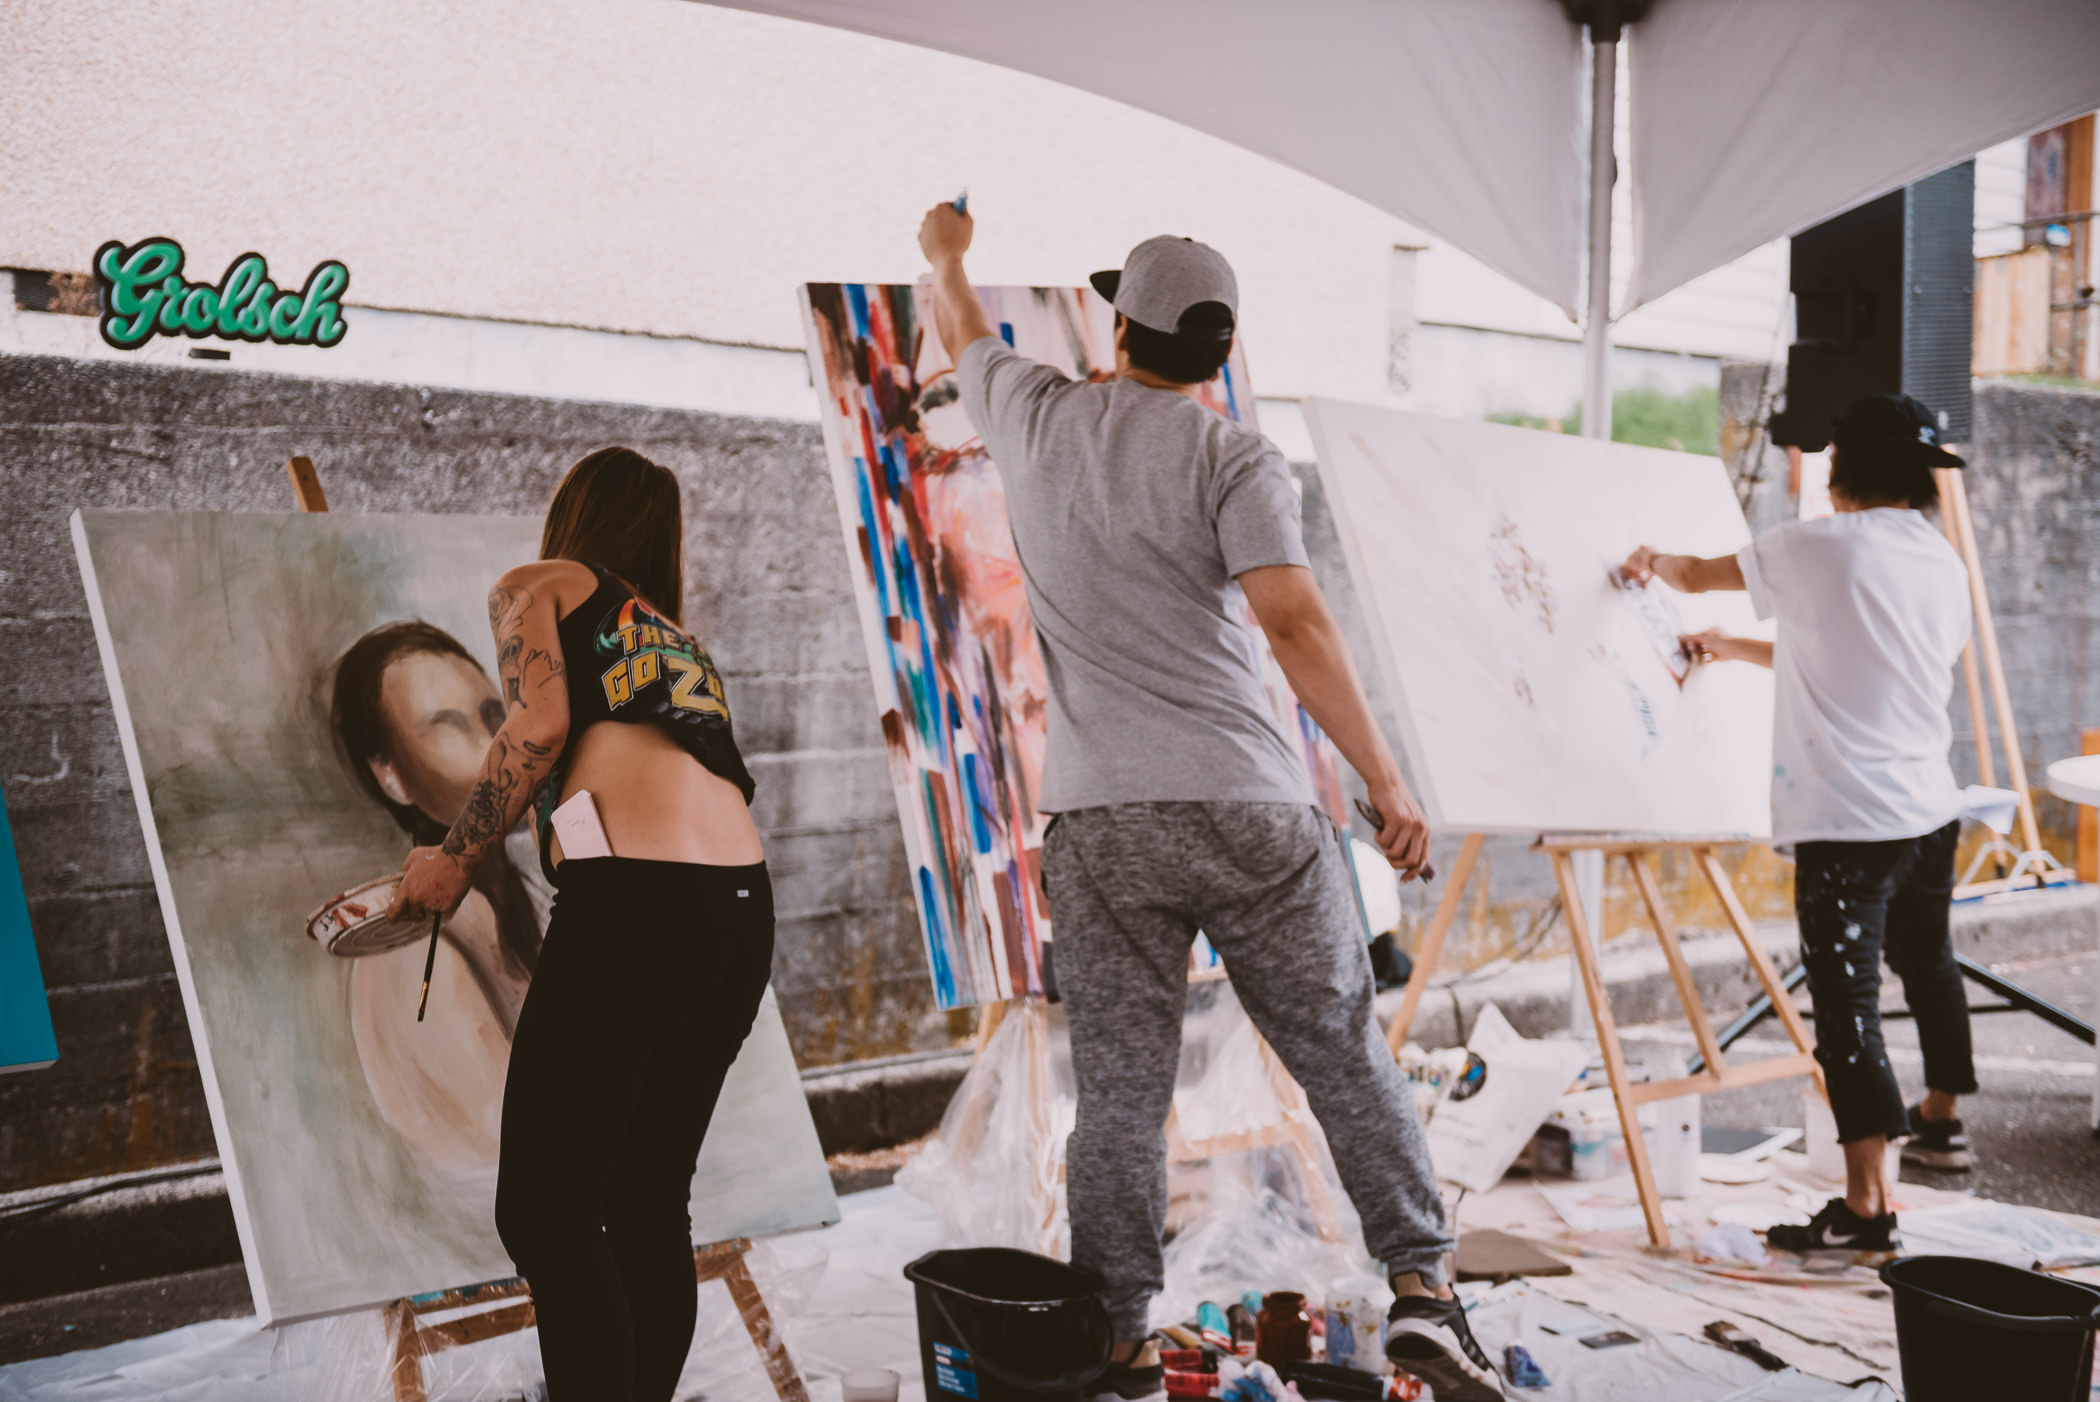 Vancouver_Mural_Fest-Do604-Timothy_Nguyen-20180811-67.jpg